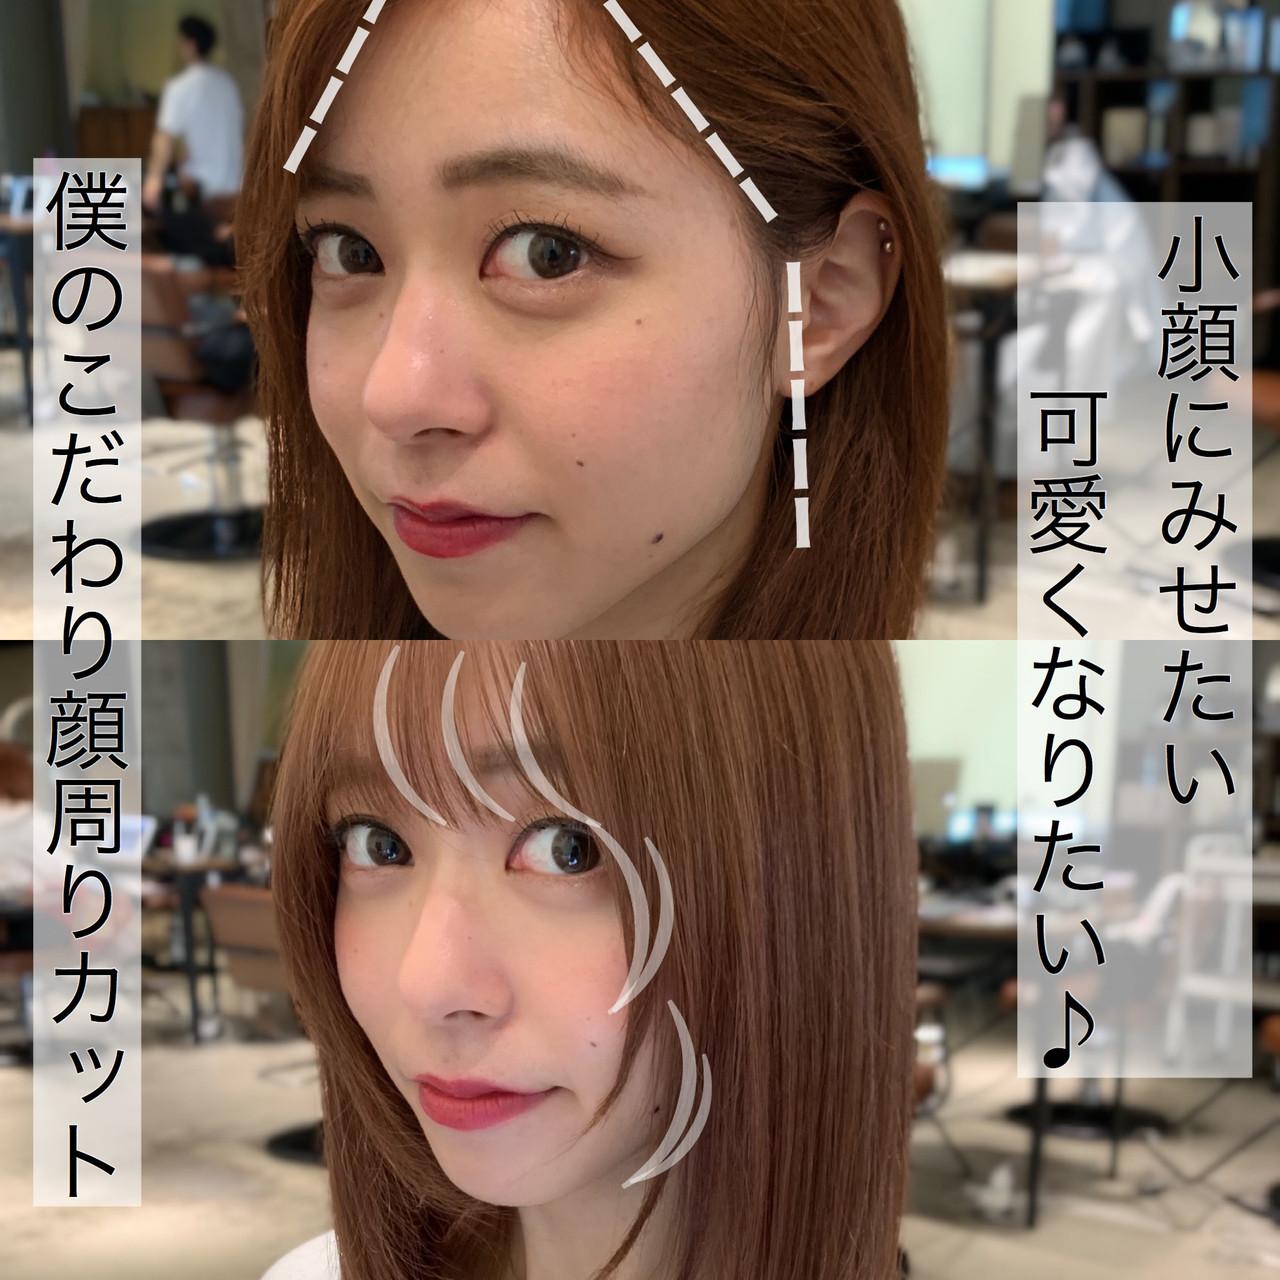 透明感 巻き髪 ナチュラル可愛い セミロング ヘアスタイルや髪型の写真・画像   長田 タカラ / AFLOAT JAPAN